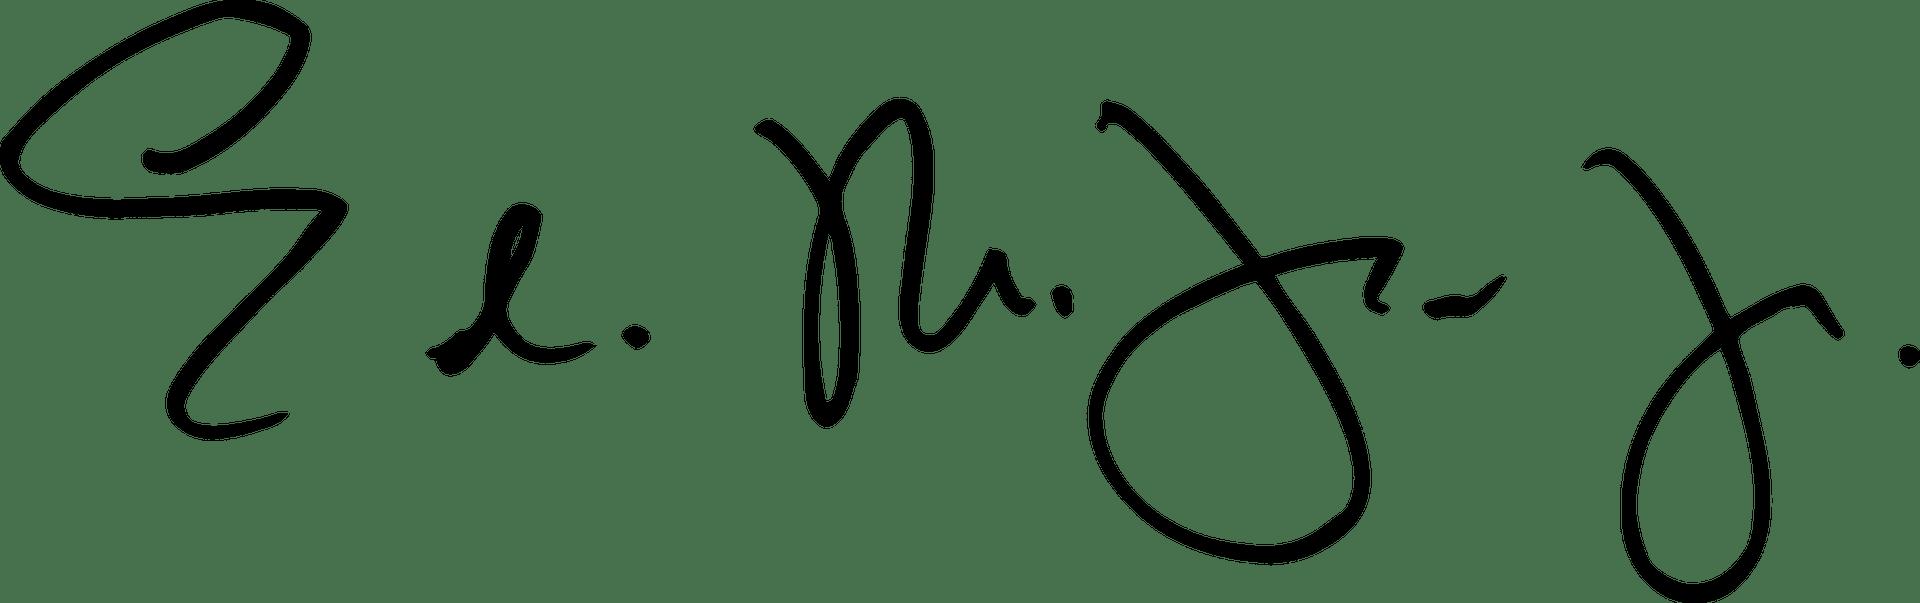 Dr. Trusty Signature